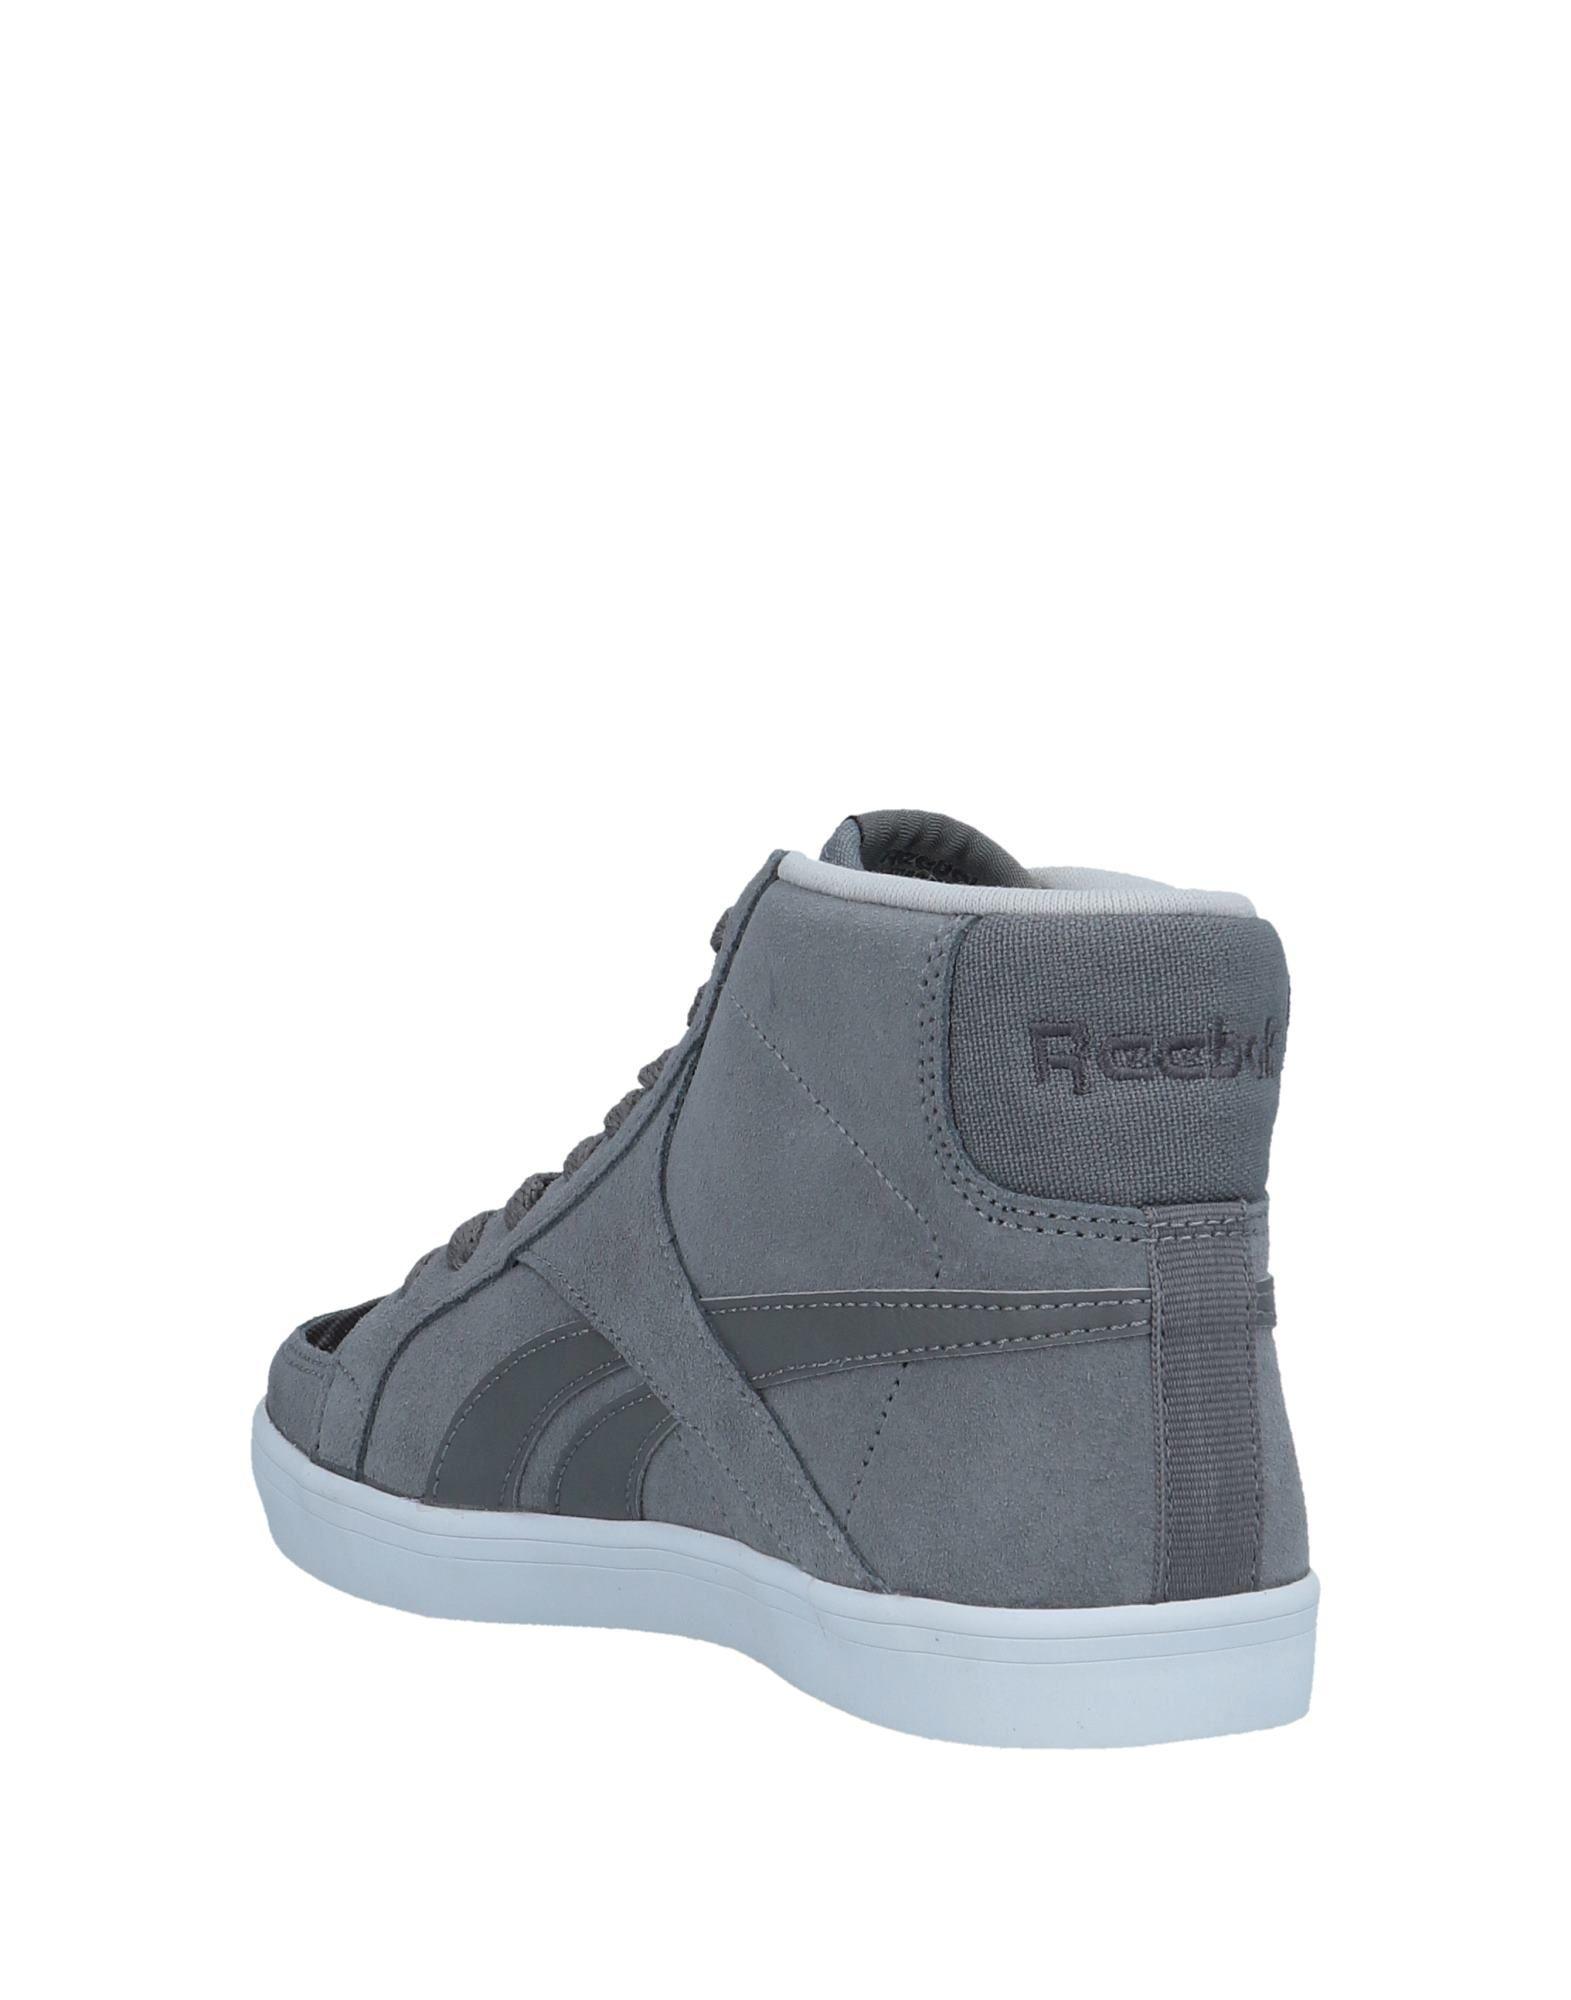 Reebok Sneakers Damen  beliebte 11551722PA Gute Qualität beliebte  Schuhe 804a6f